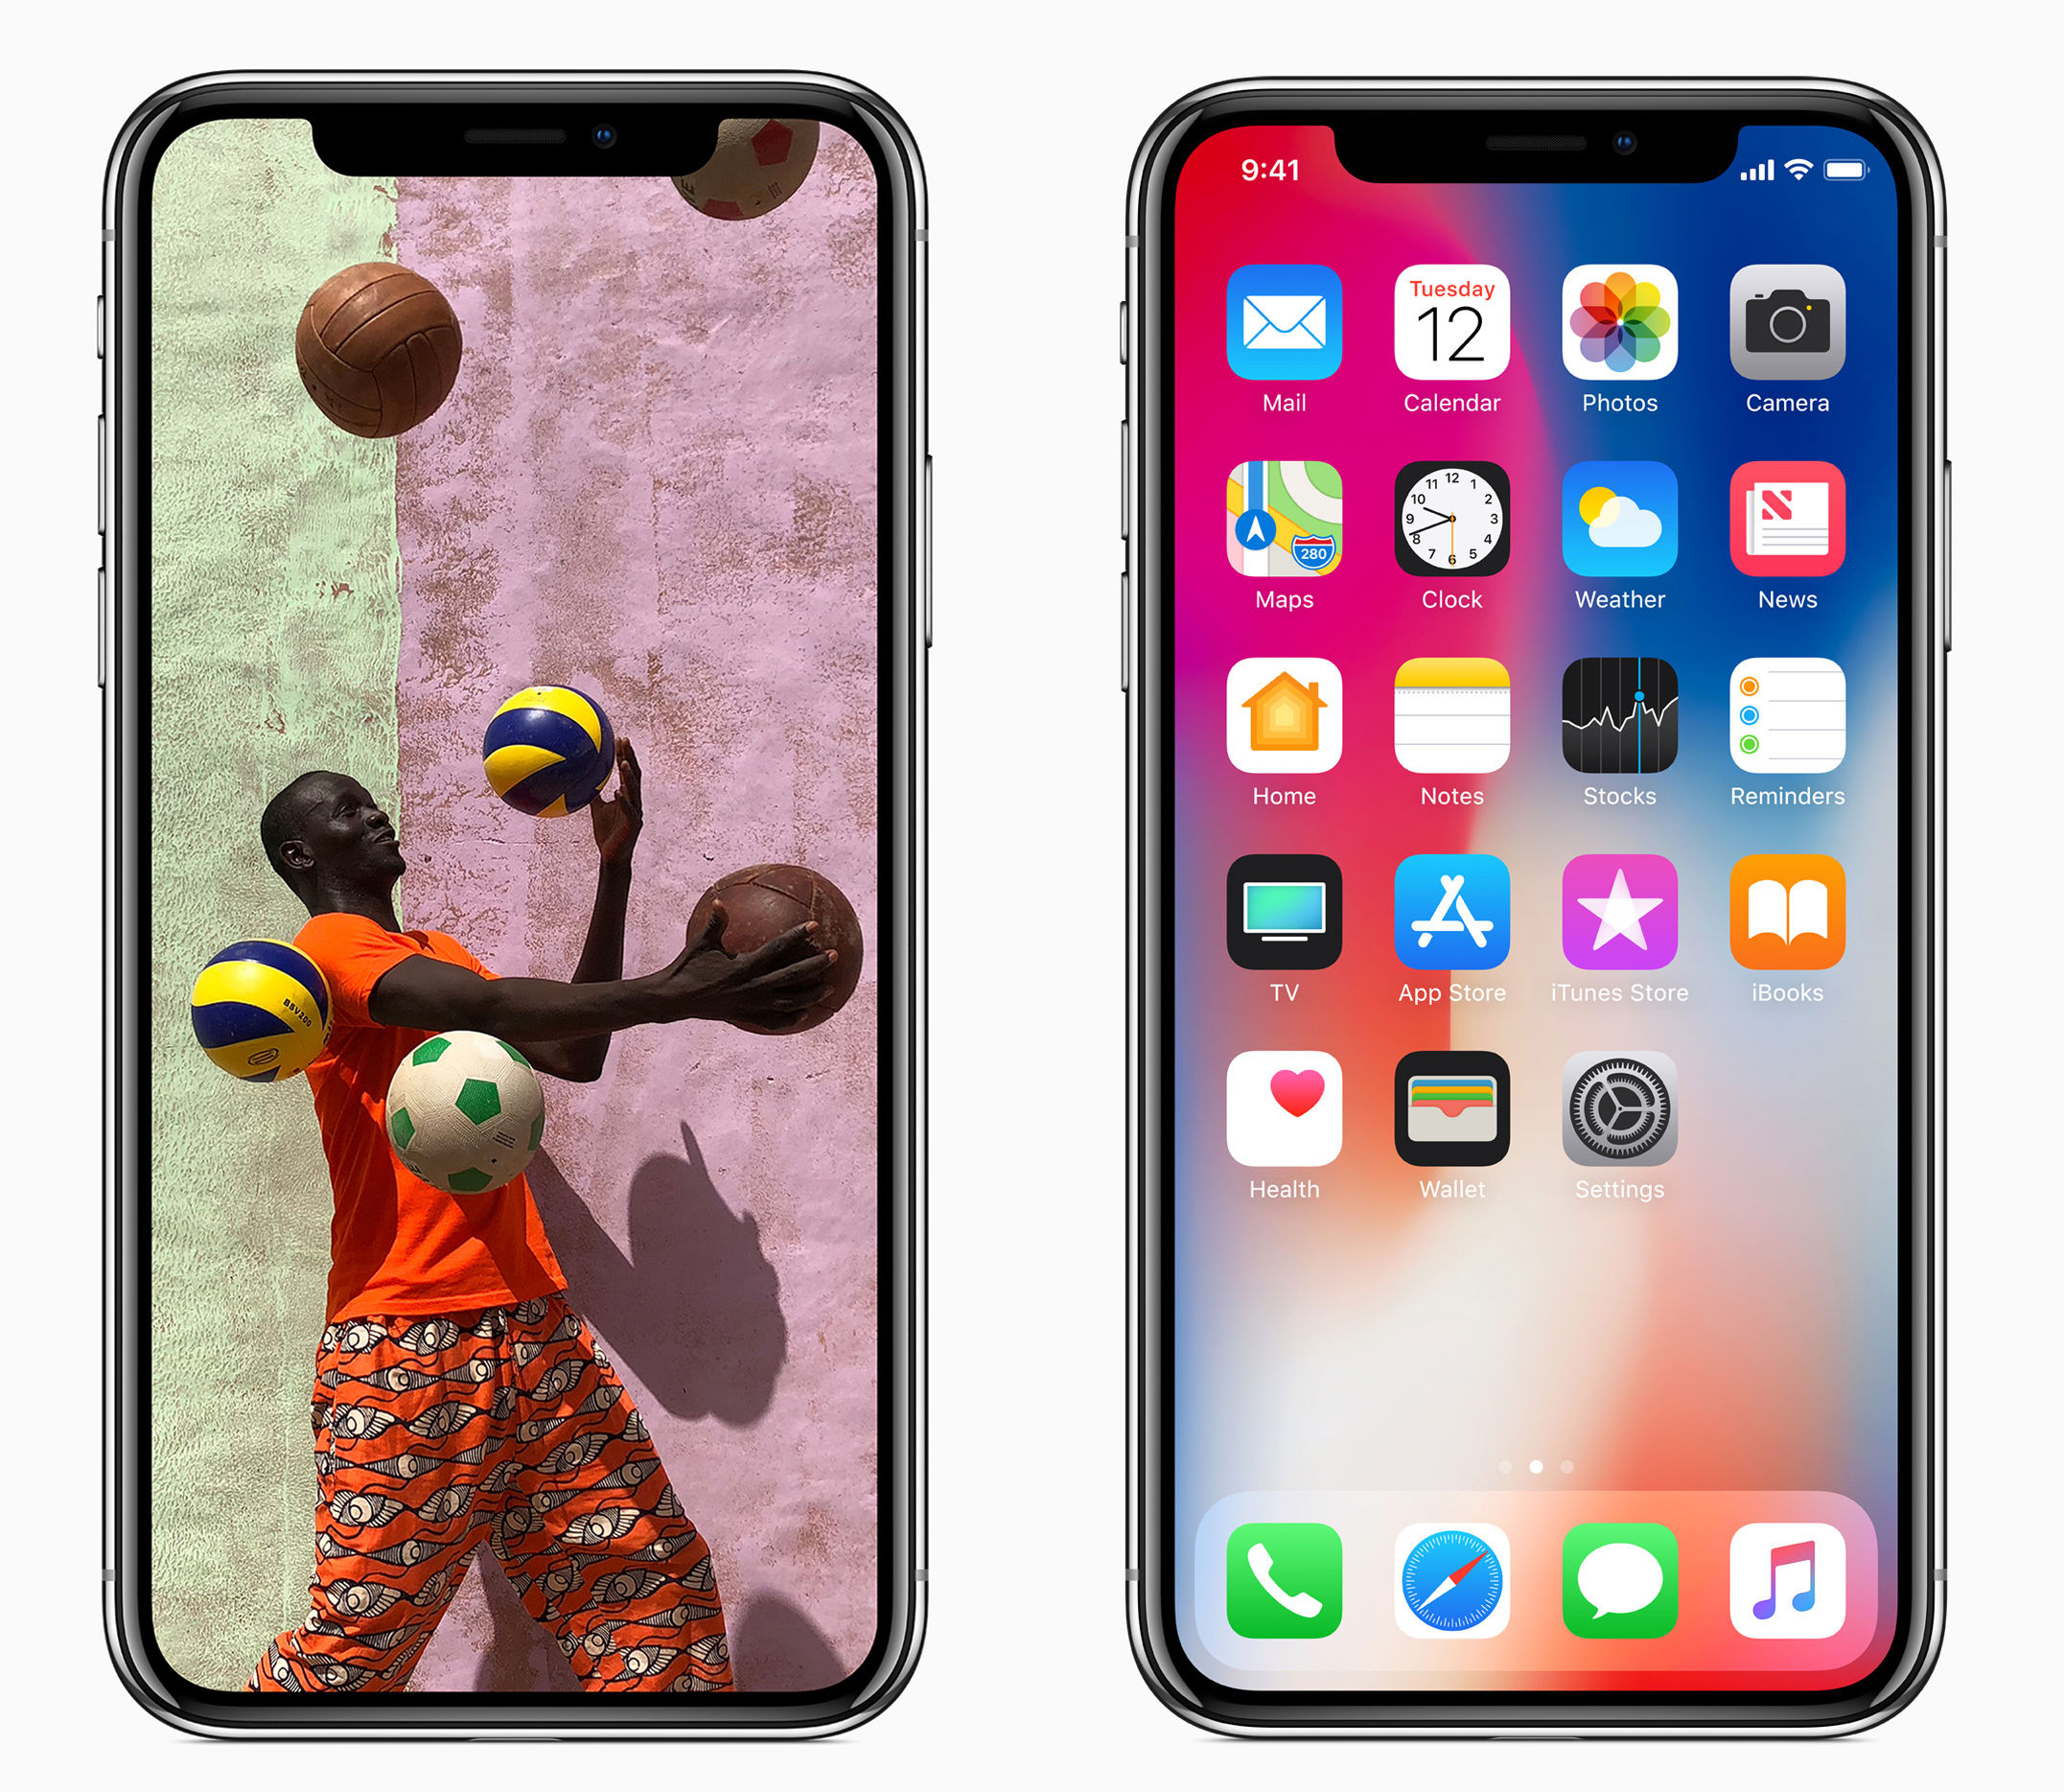 Cómo cambiar de aplicación en iPhone XS